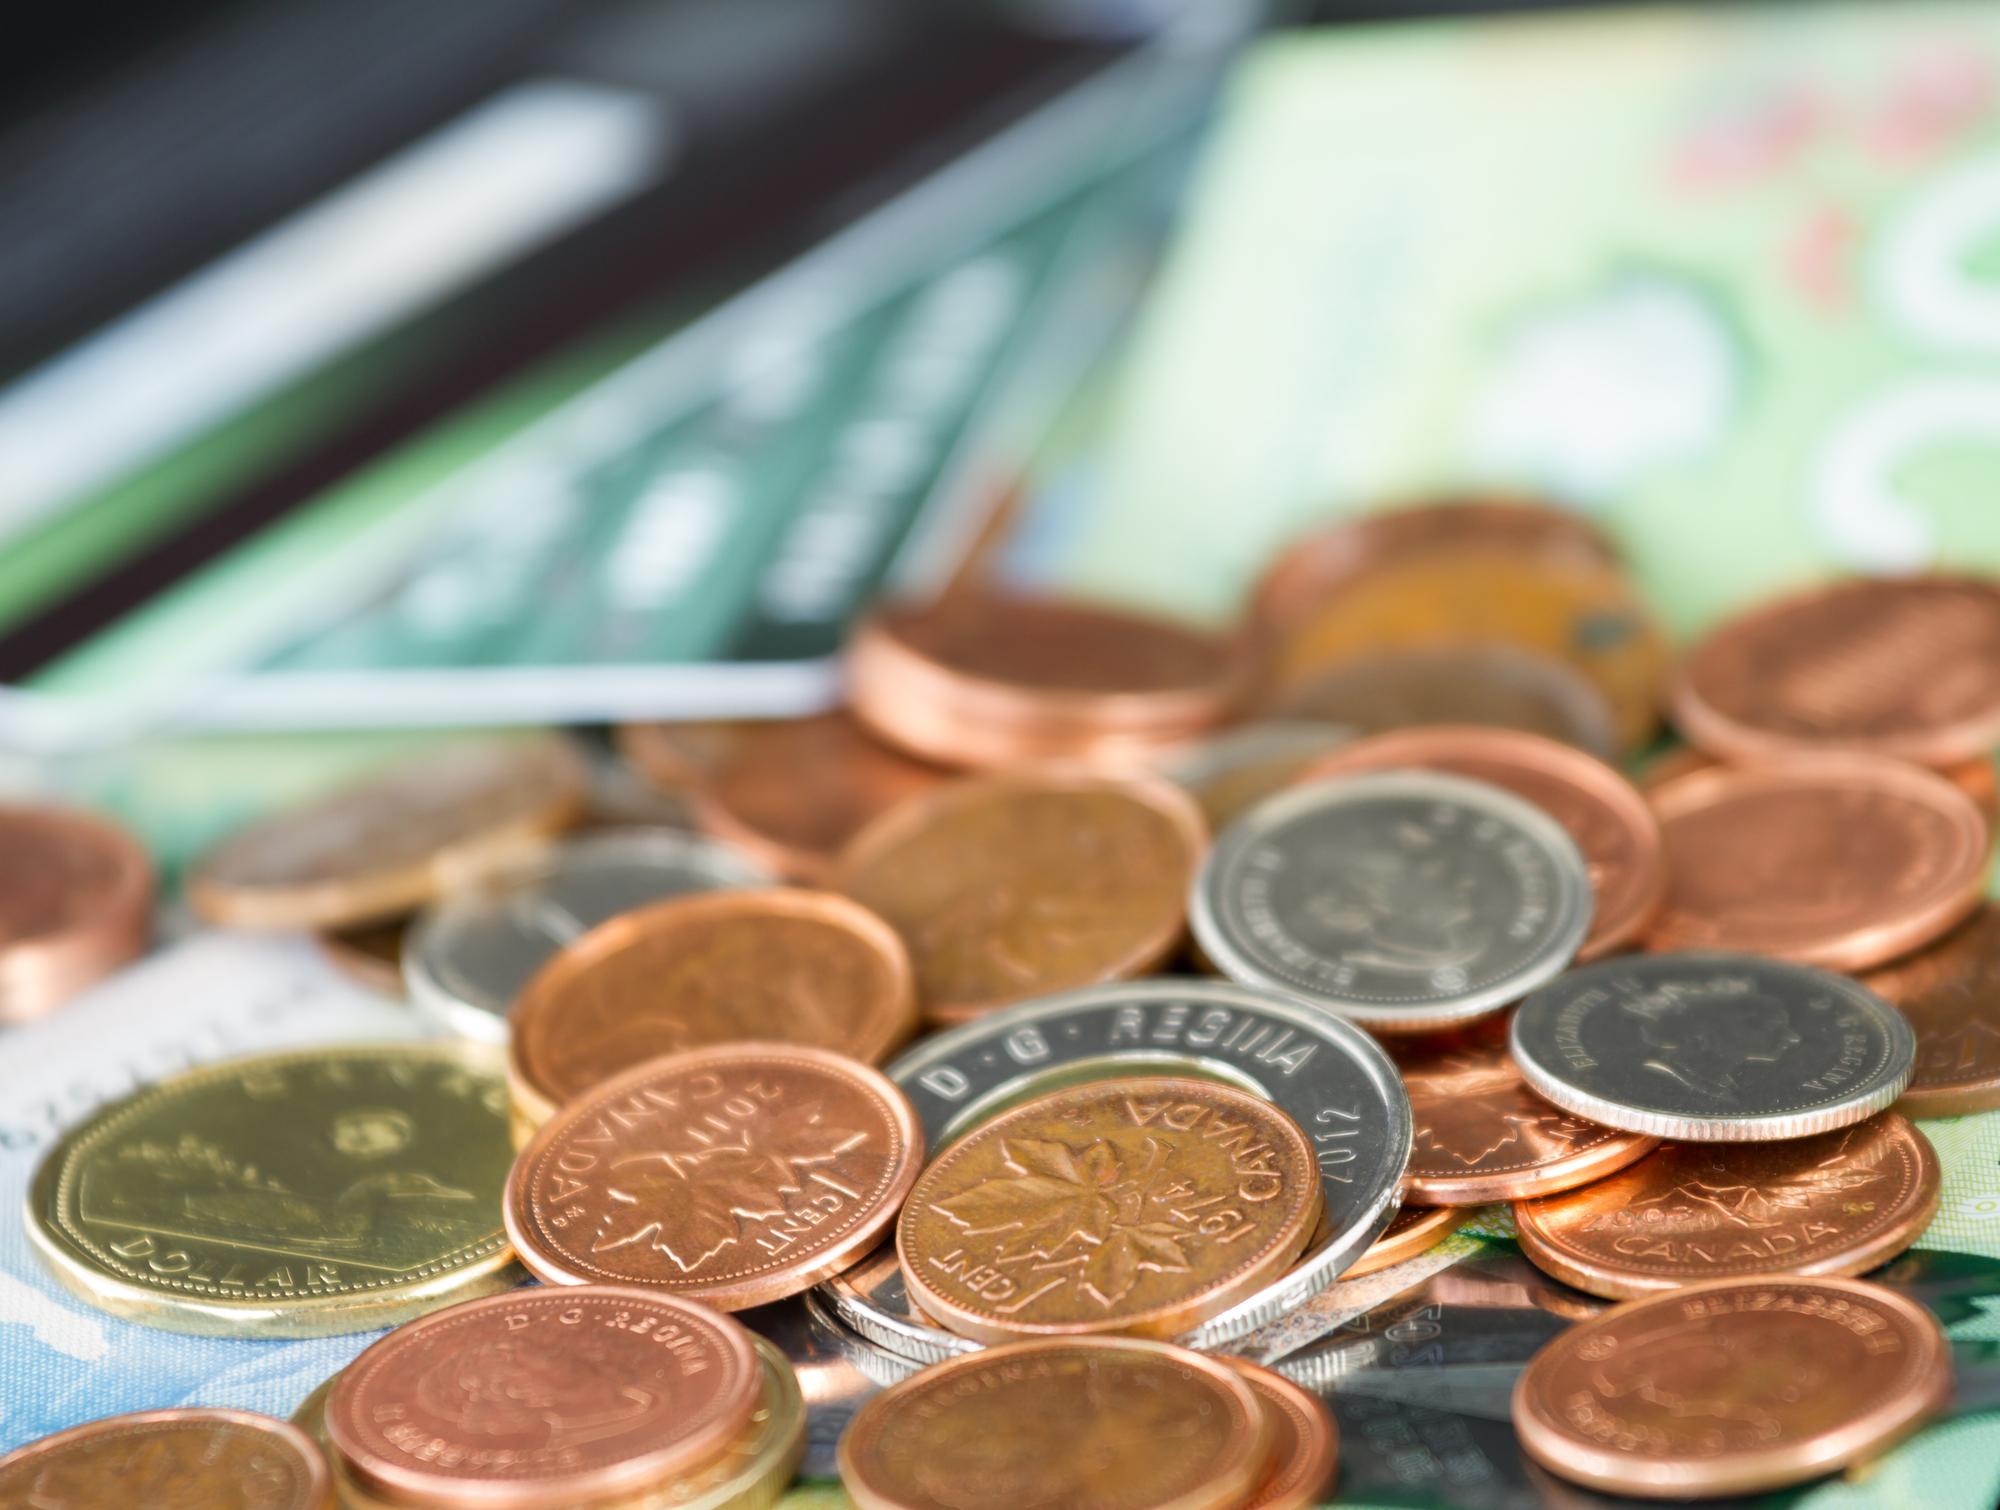 Photo: Deposit Photos Les baisses d'impôt annoncées totaliseront 0,76 $ par jour pour chaque contribuable québécois